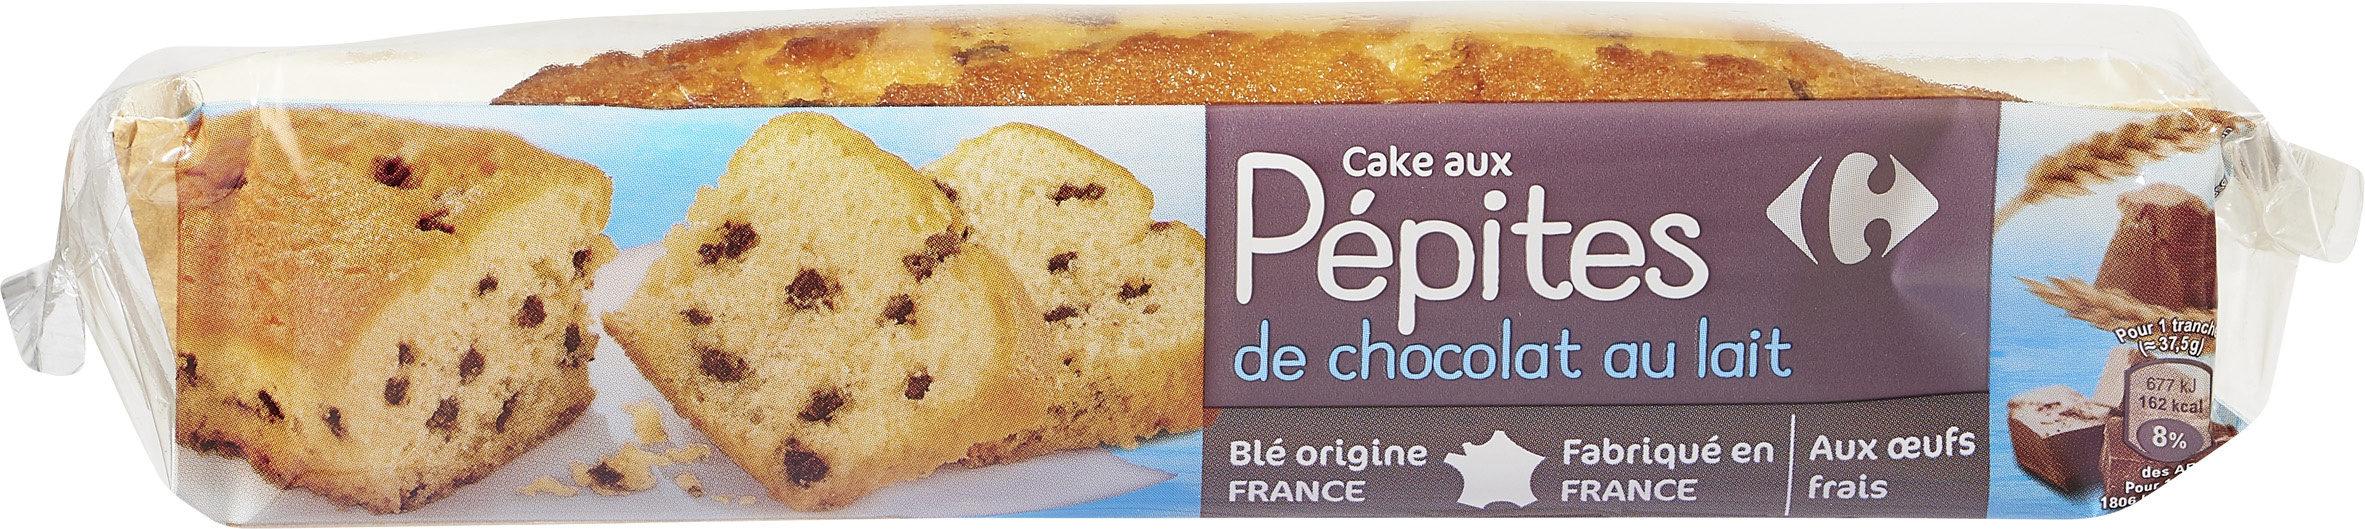 Cake aux pépites de chocolat au lait - Product